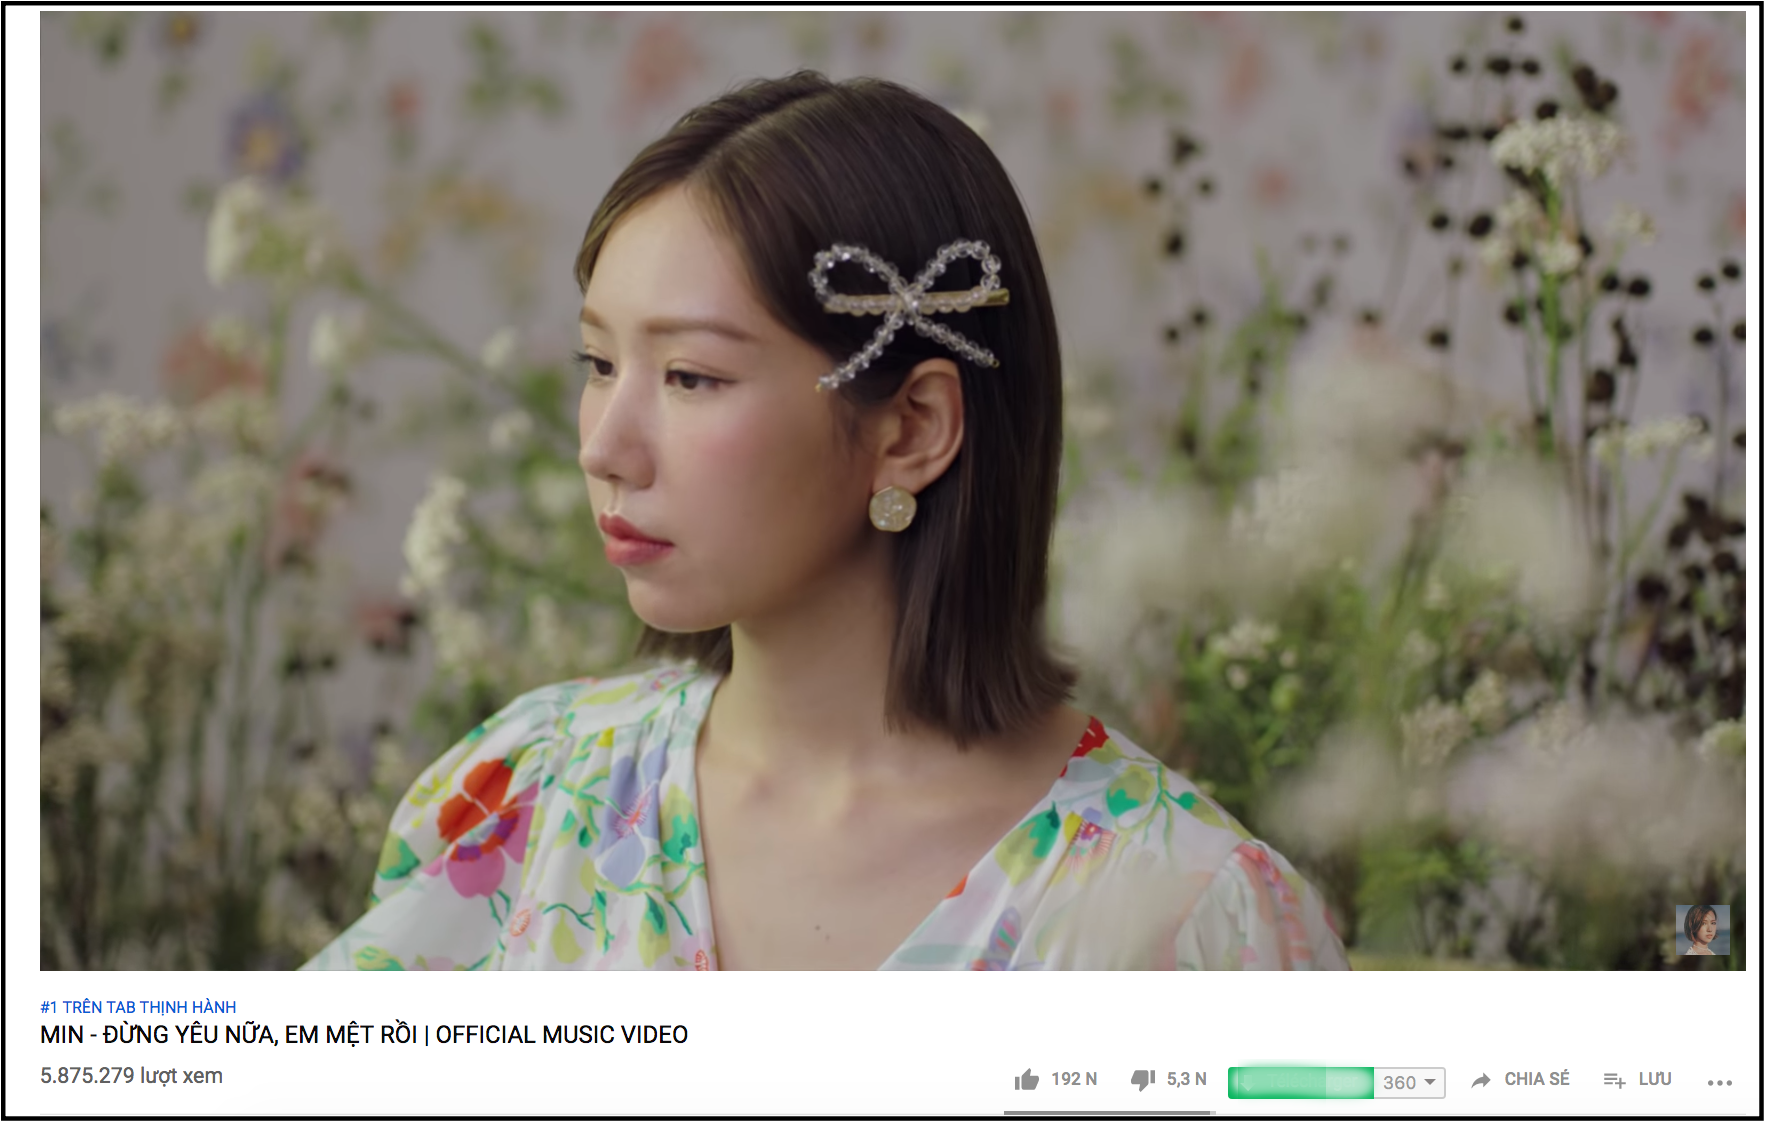 """Mặc nghi vấn đạo nhái, """"Đừng yêu nữa, em mệt rồi"""" của Min leo thẳng Top 1 Trending sau 2 ngày ra mắt - Ảnh 1."""